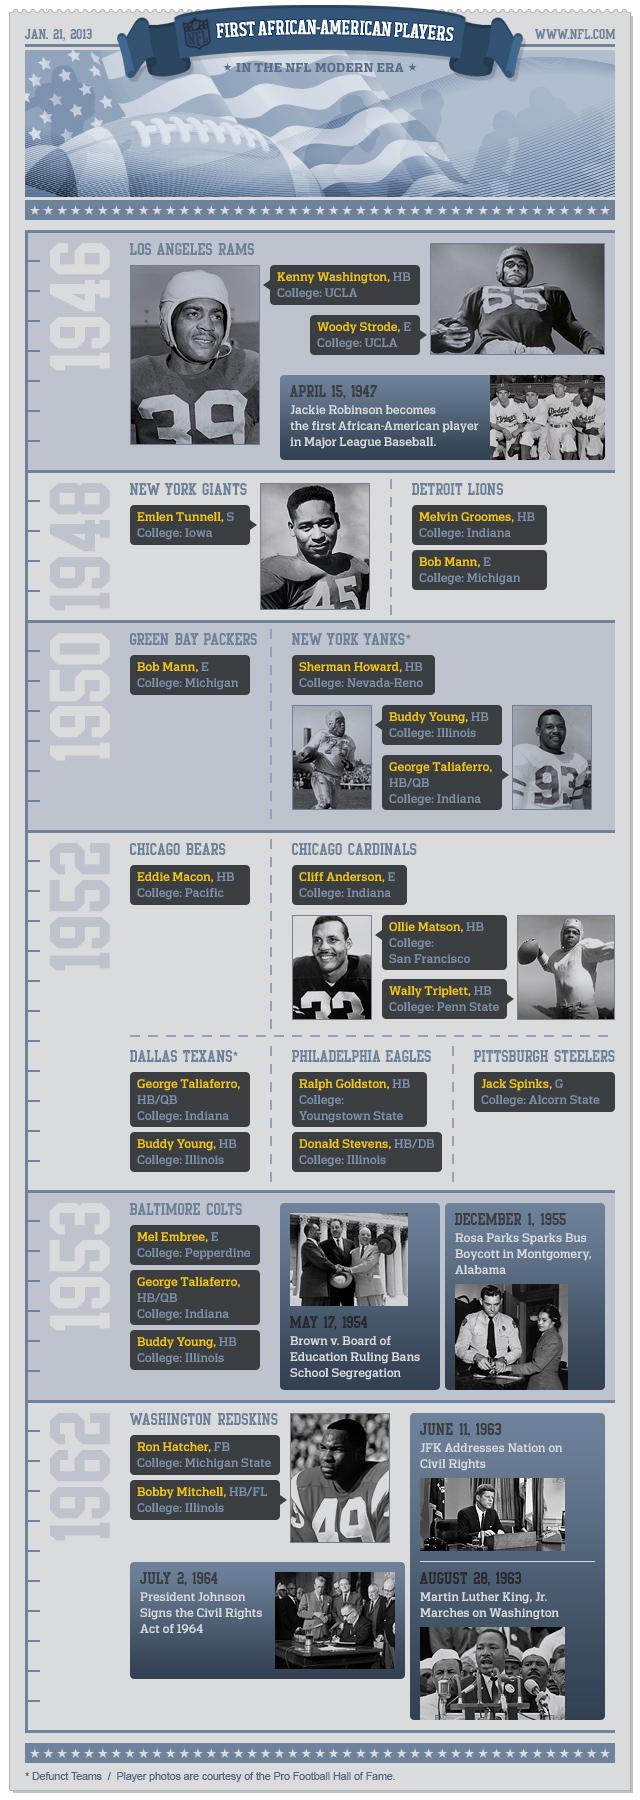 via NFL.com